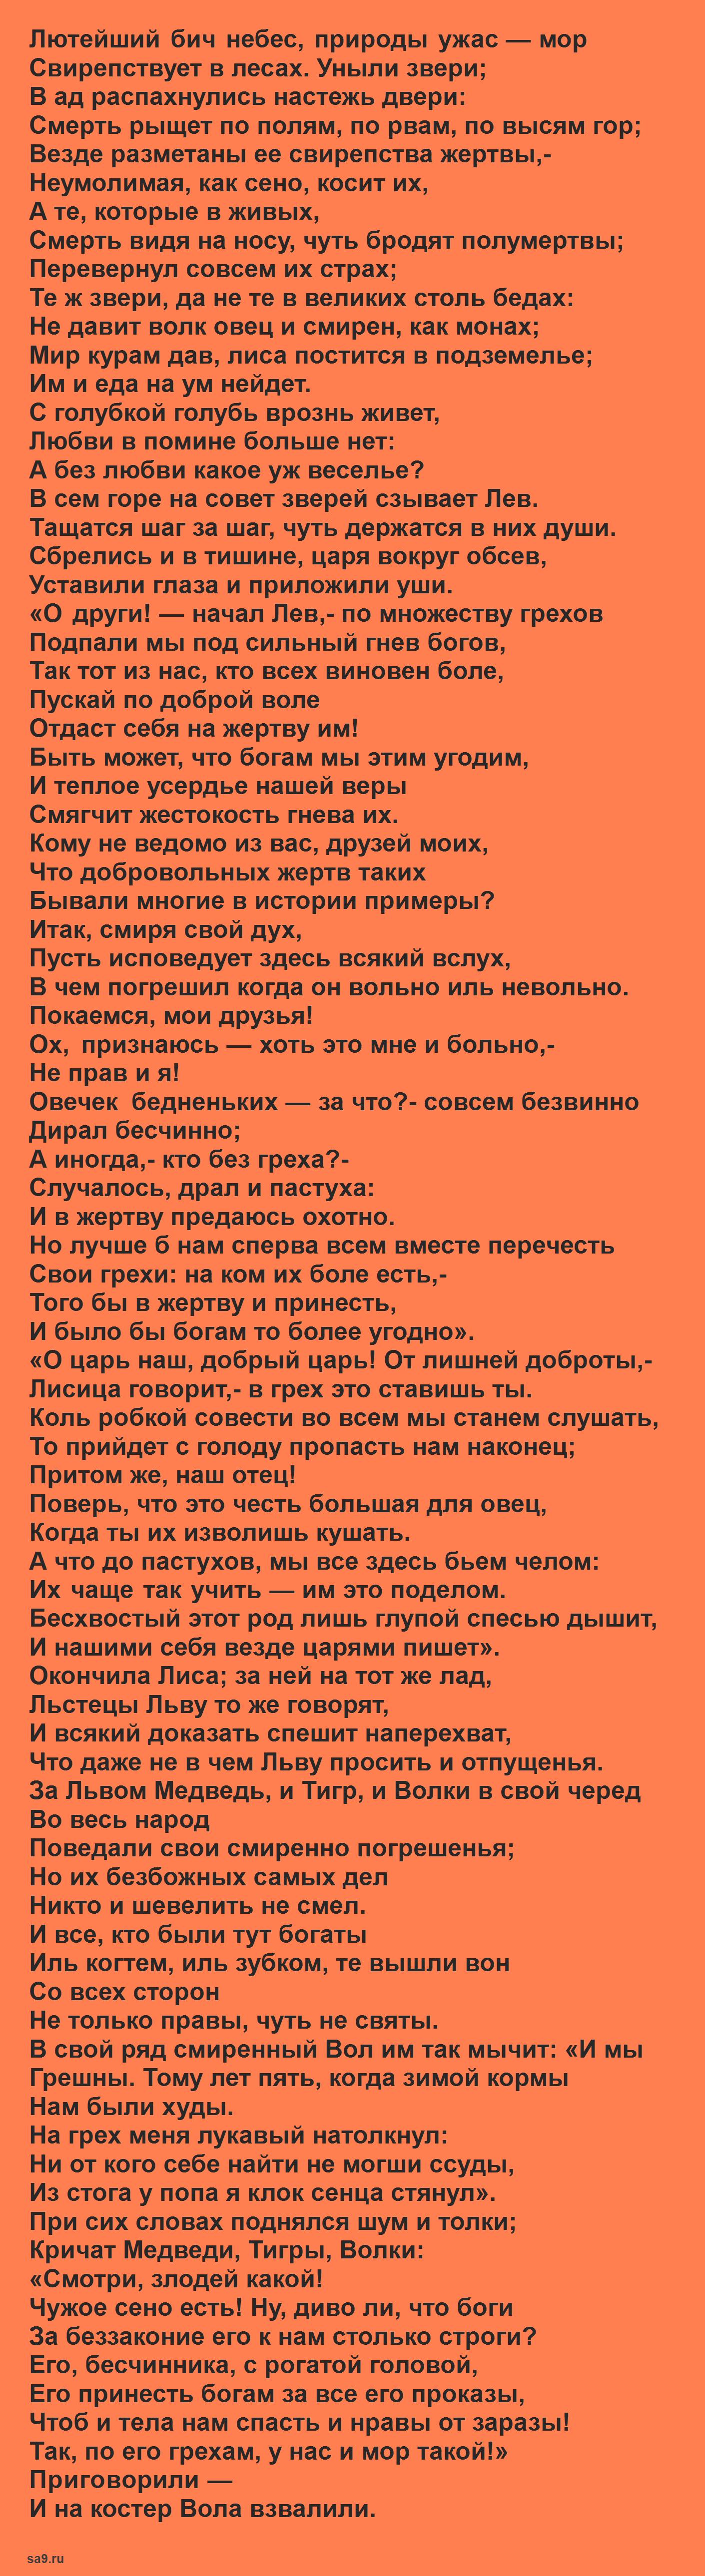 Басня Крылова 'Мор зверей', читать текст басни полностью